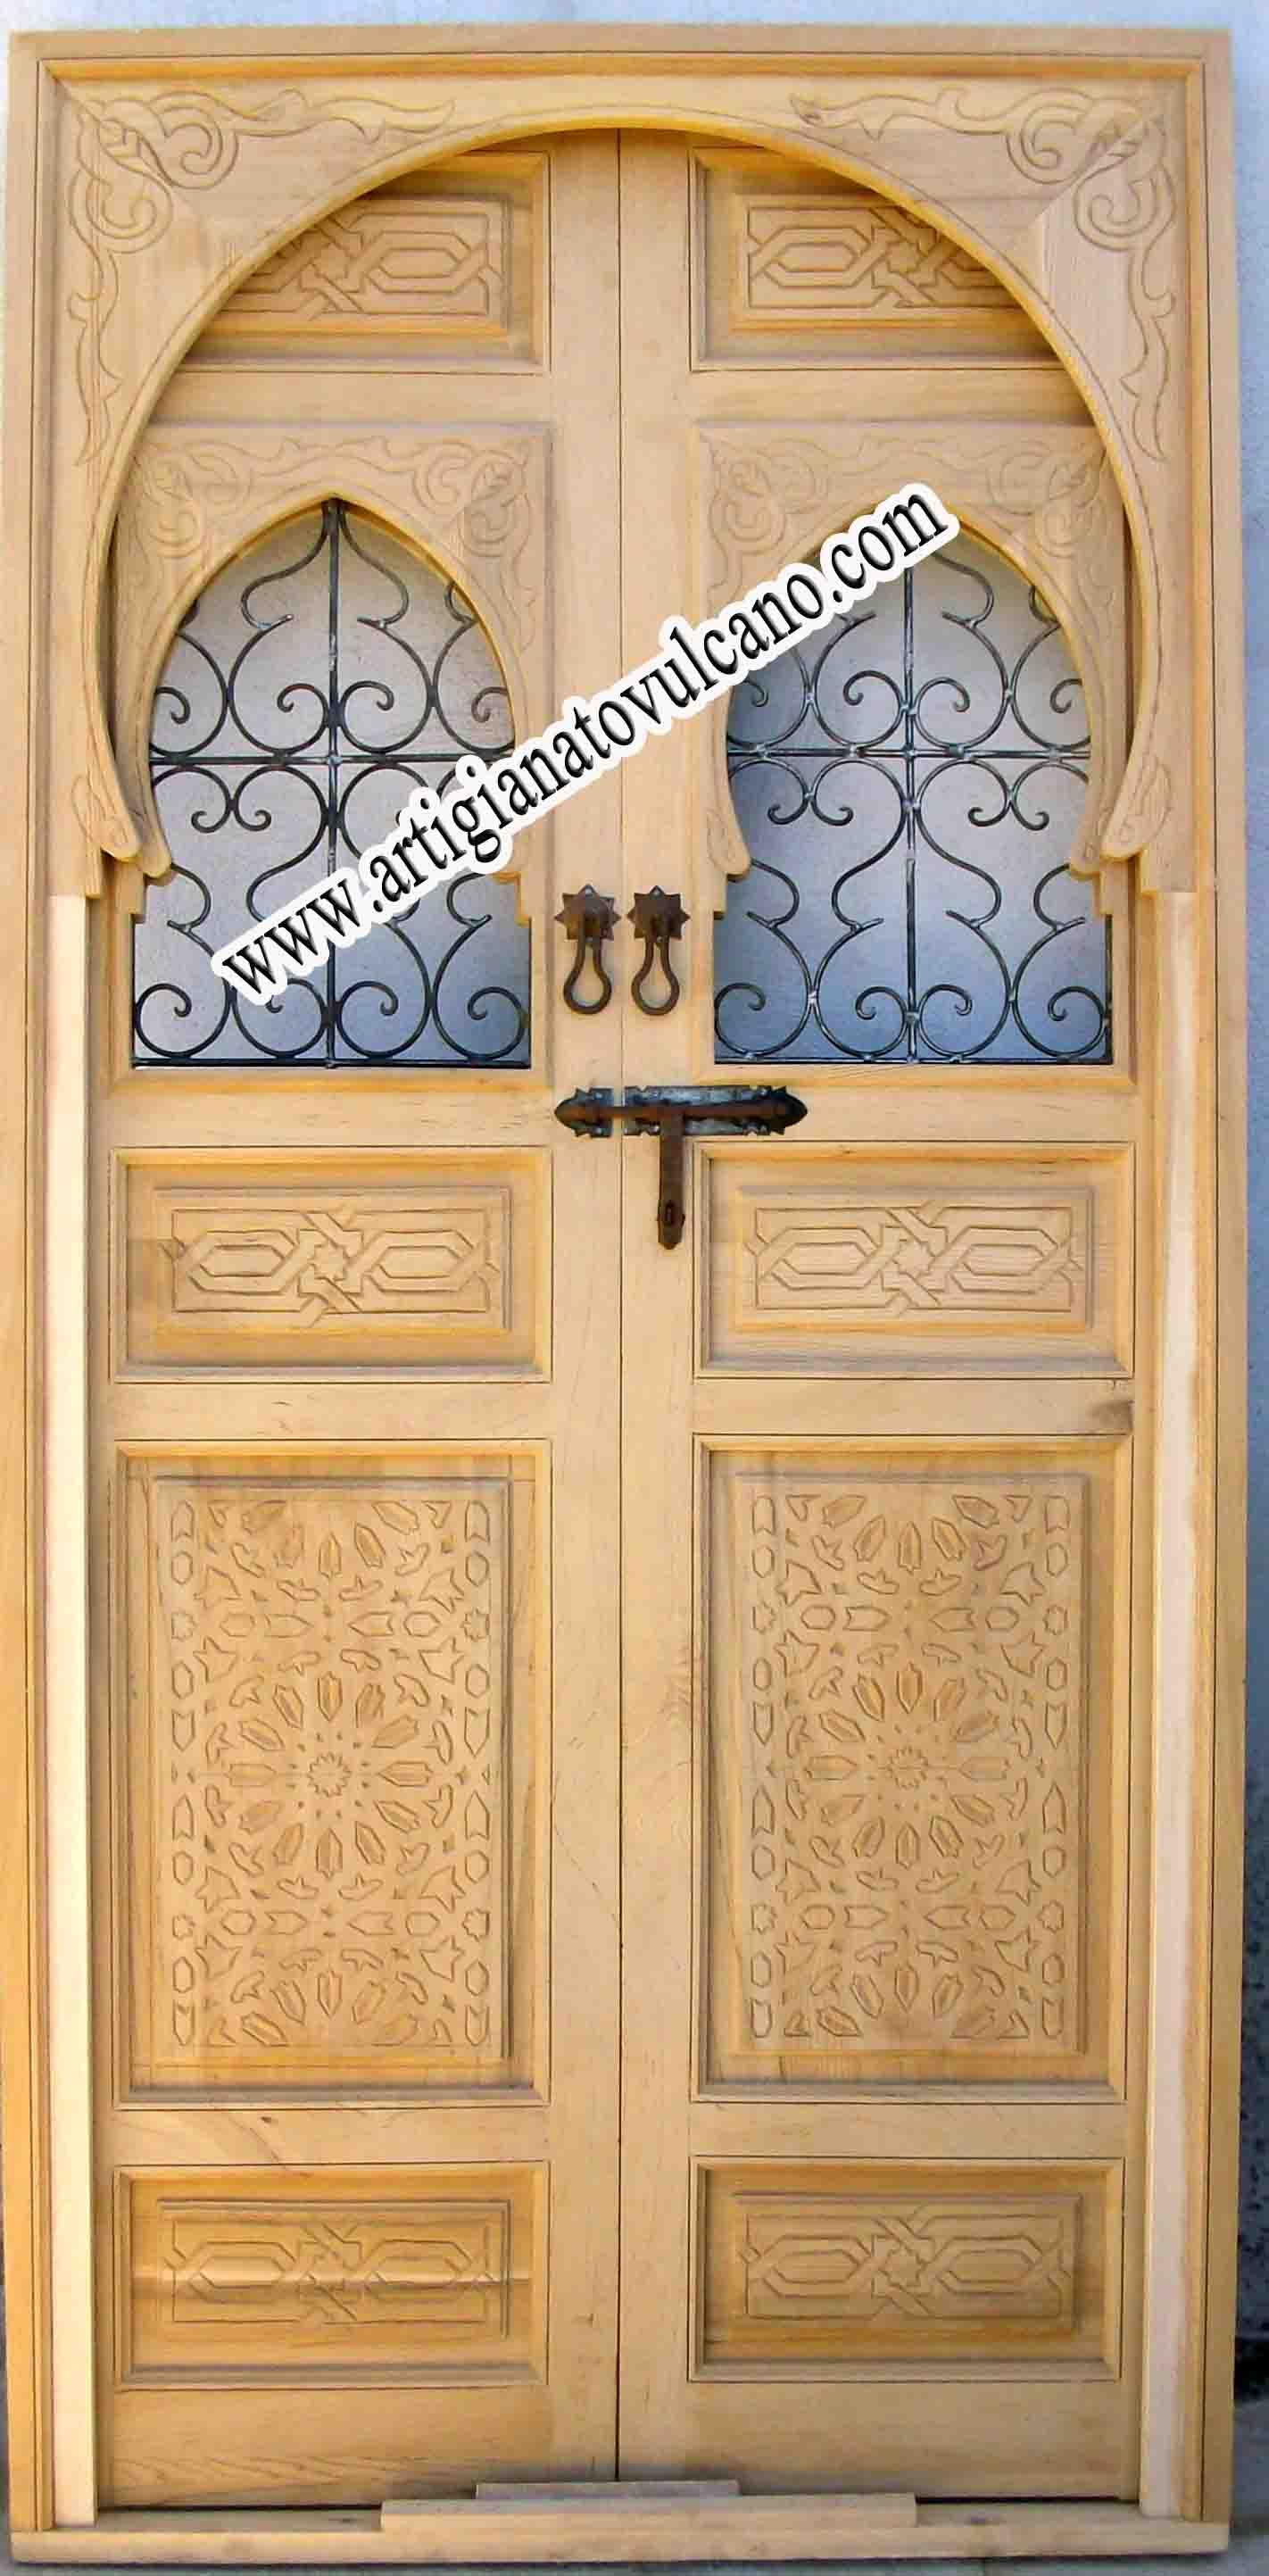 Arredamento marocchino with arredamento marocchino next for Arredamento stile marocco